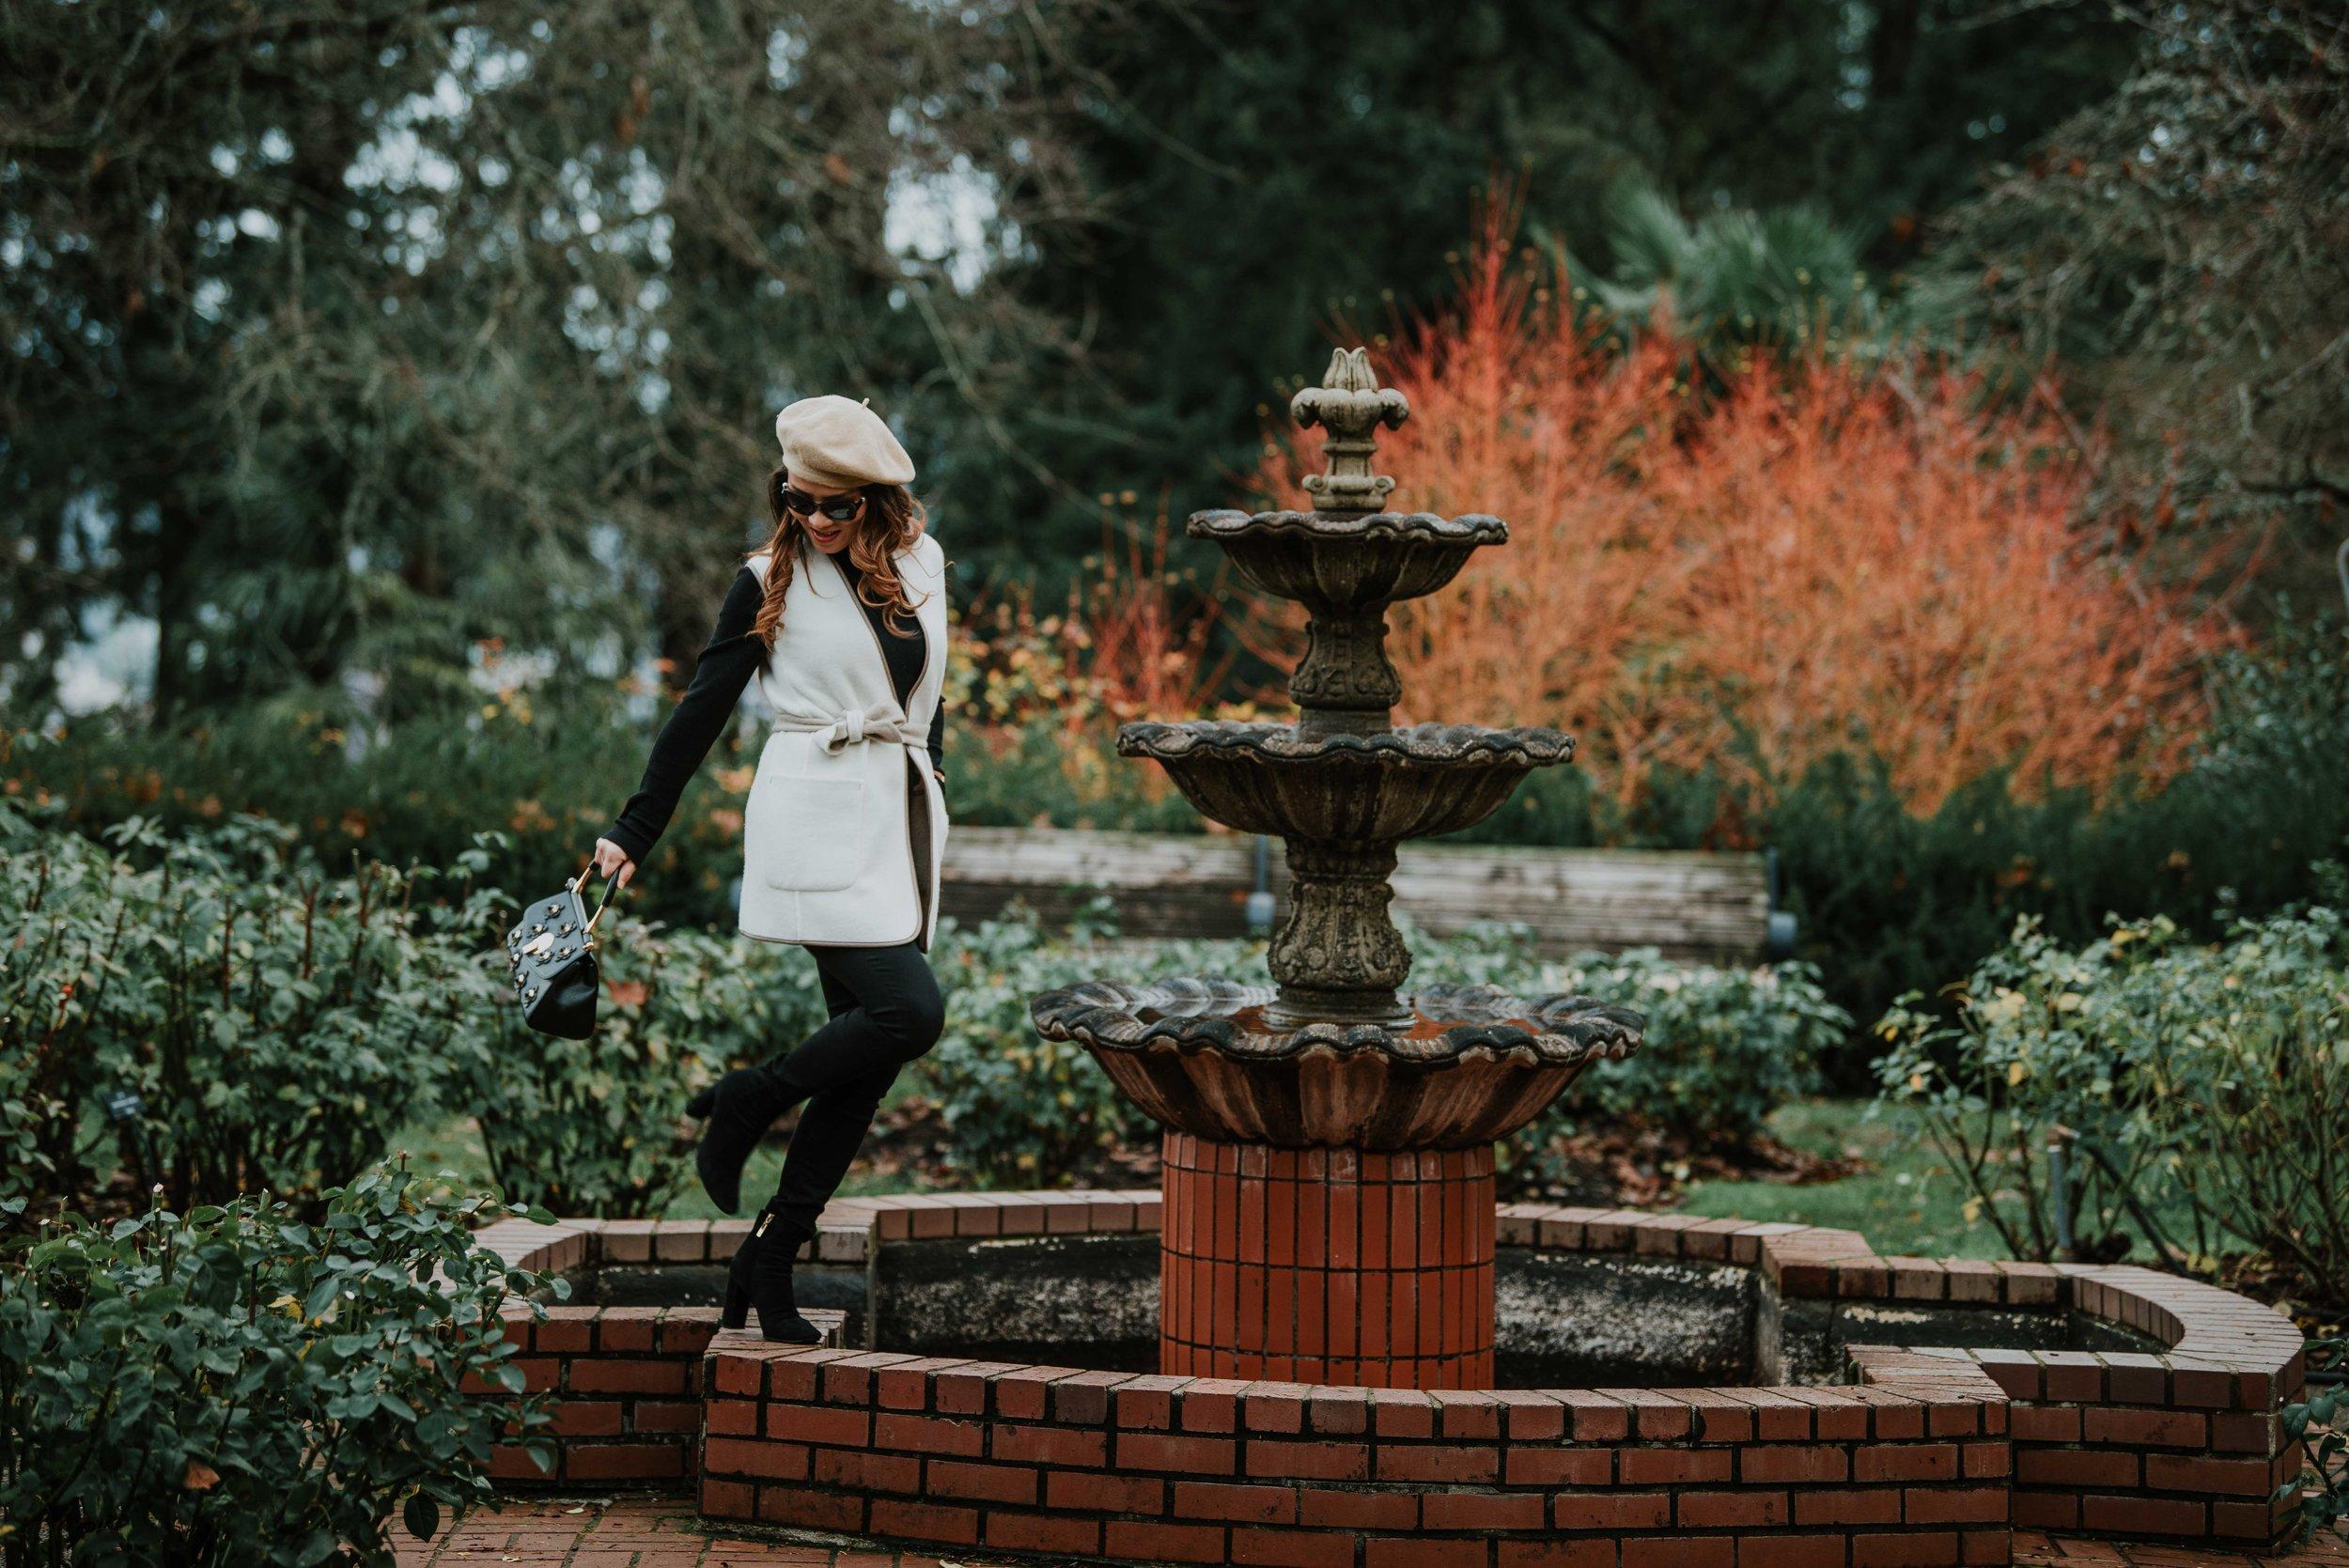 Maxmara-vest-with-baret-hat-look-5946.jpg